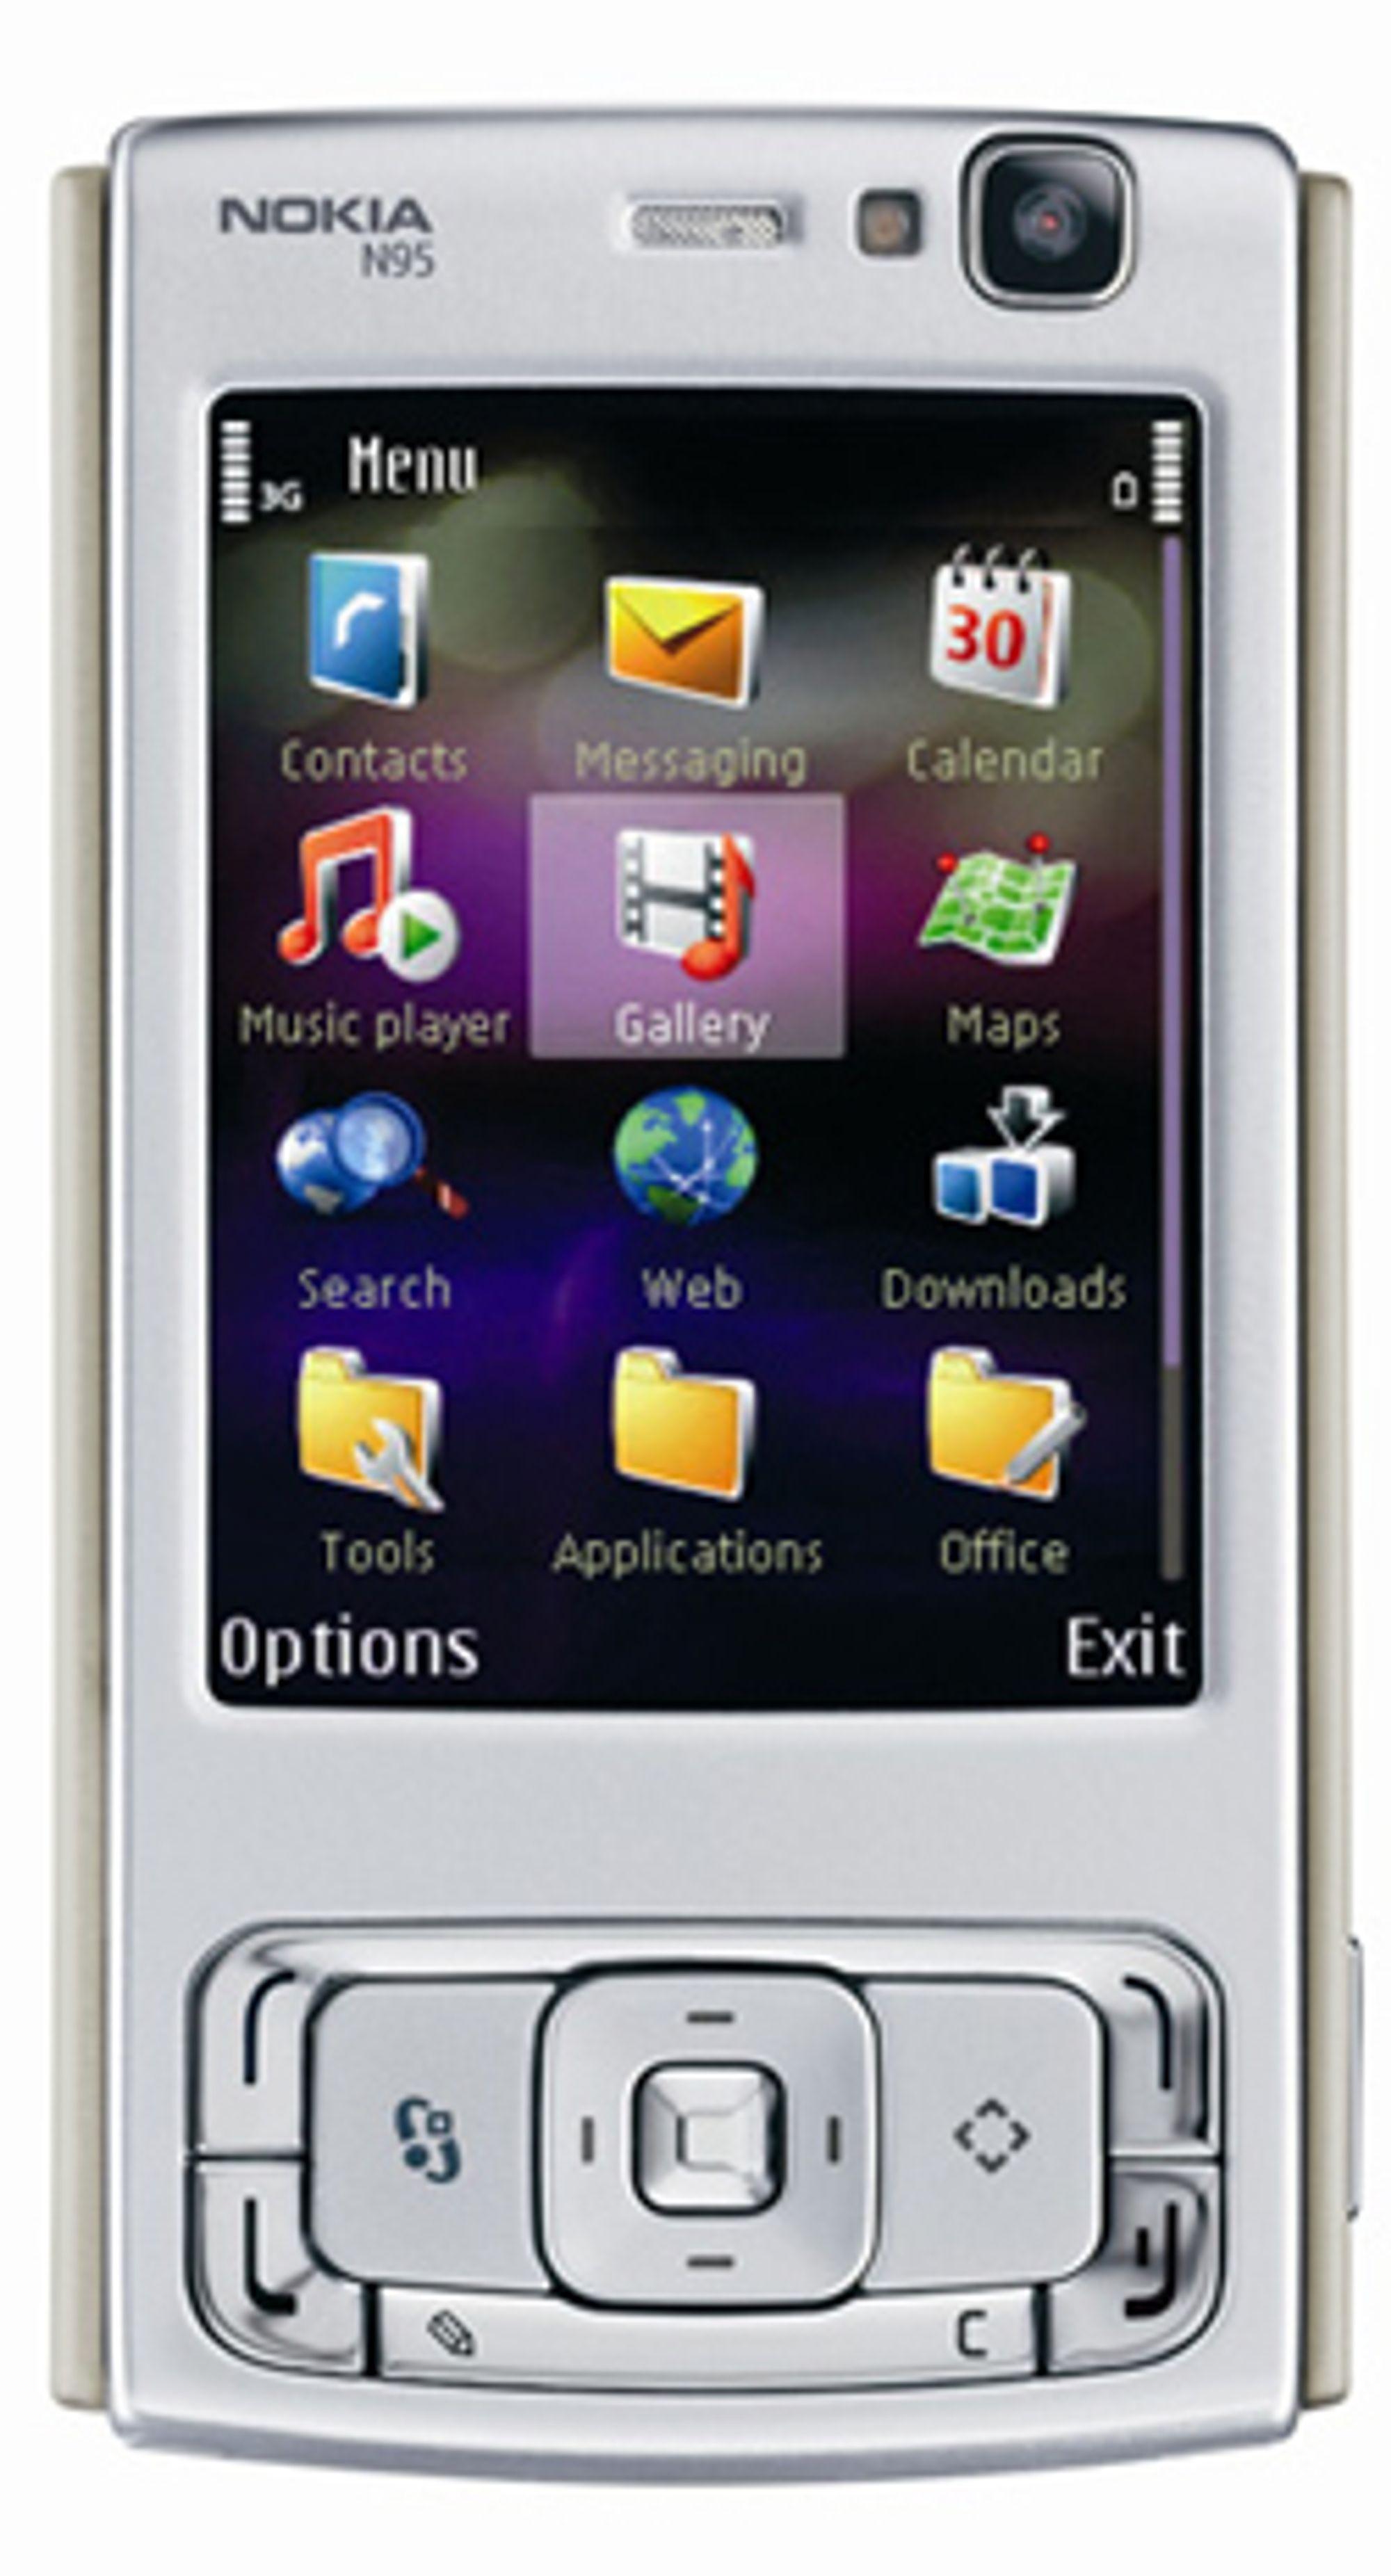 N95 kommer i svart og med 2 GB minne ved sin side. (Foto: Nokia)